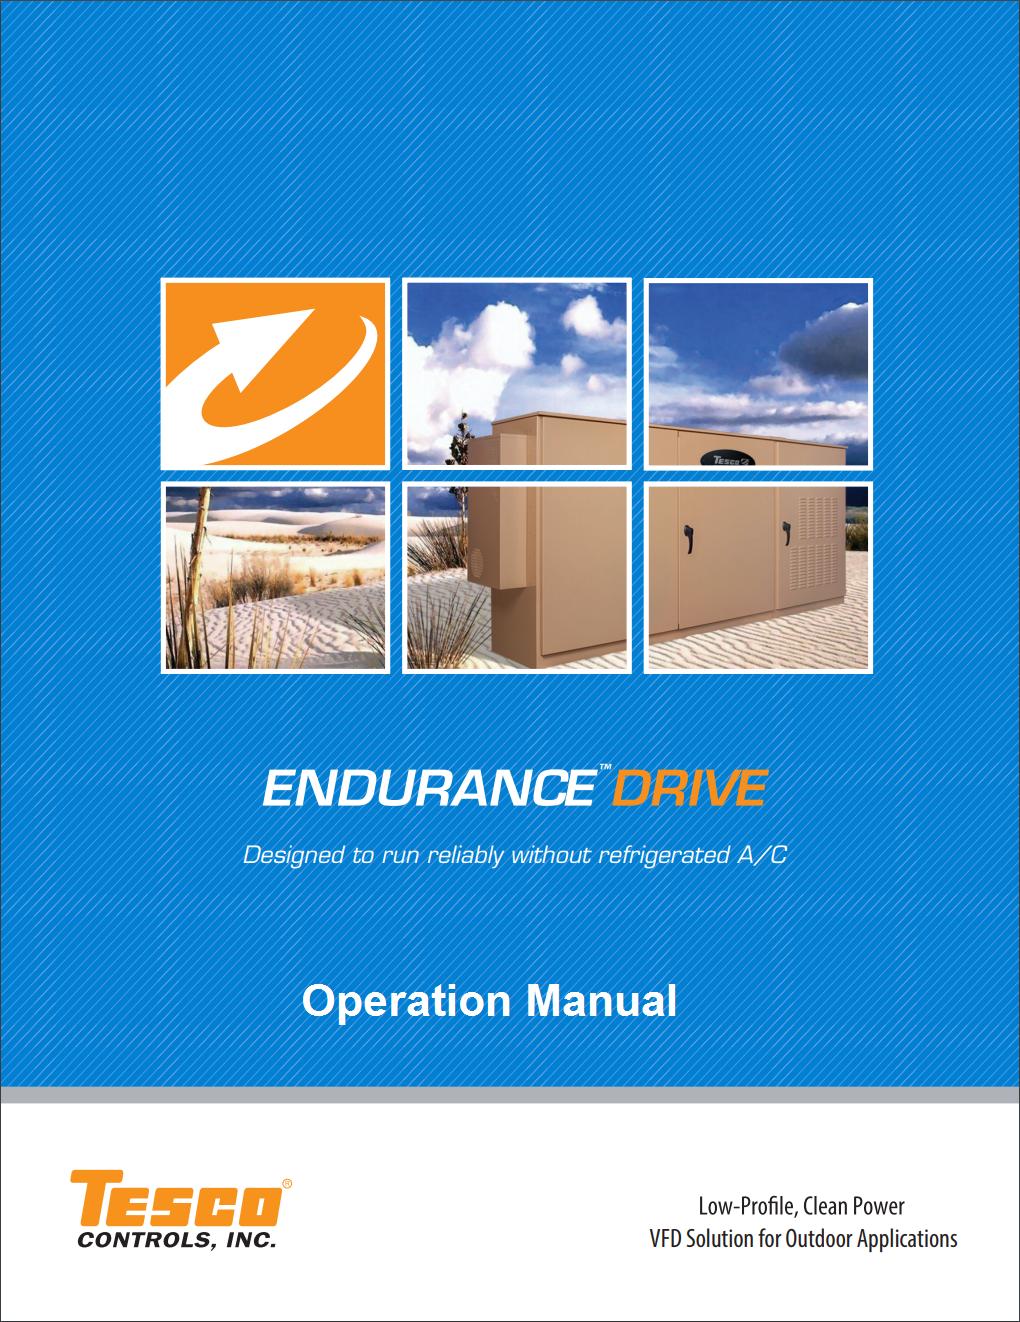 VFD Operations Manual